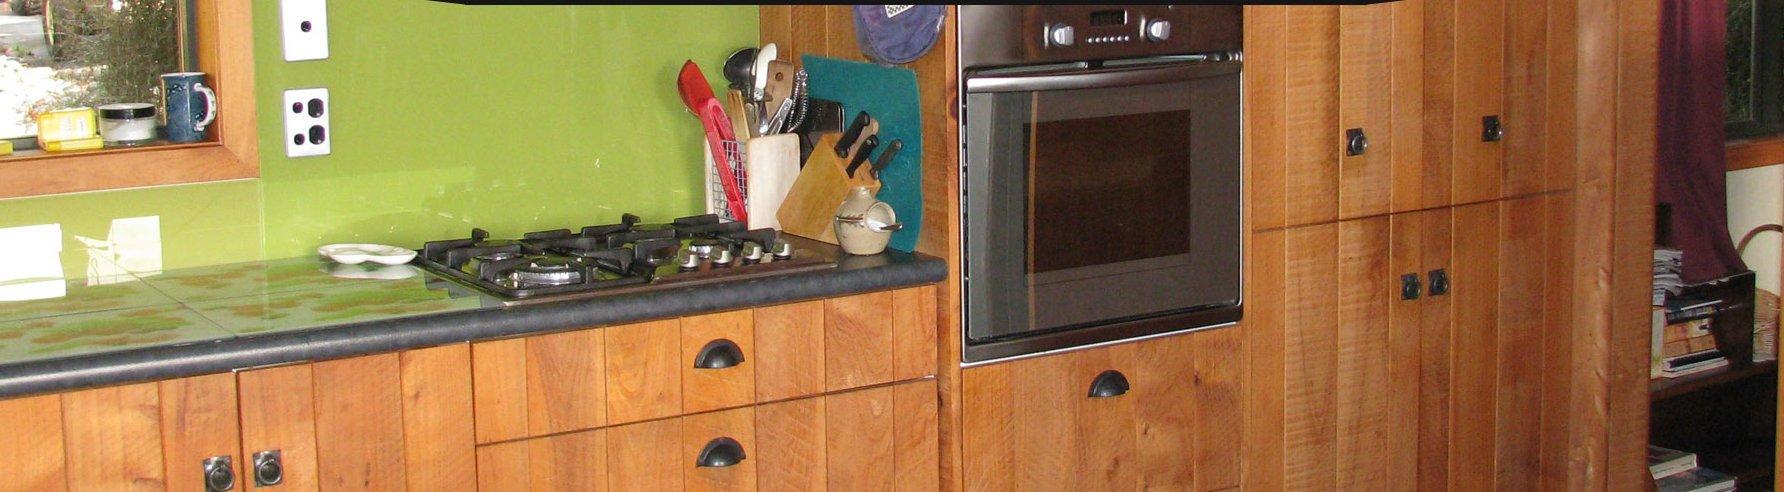 Wooden style kitchen